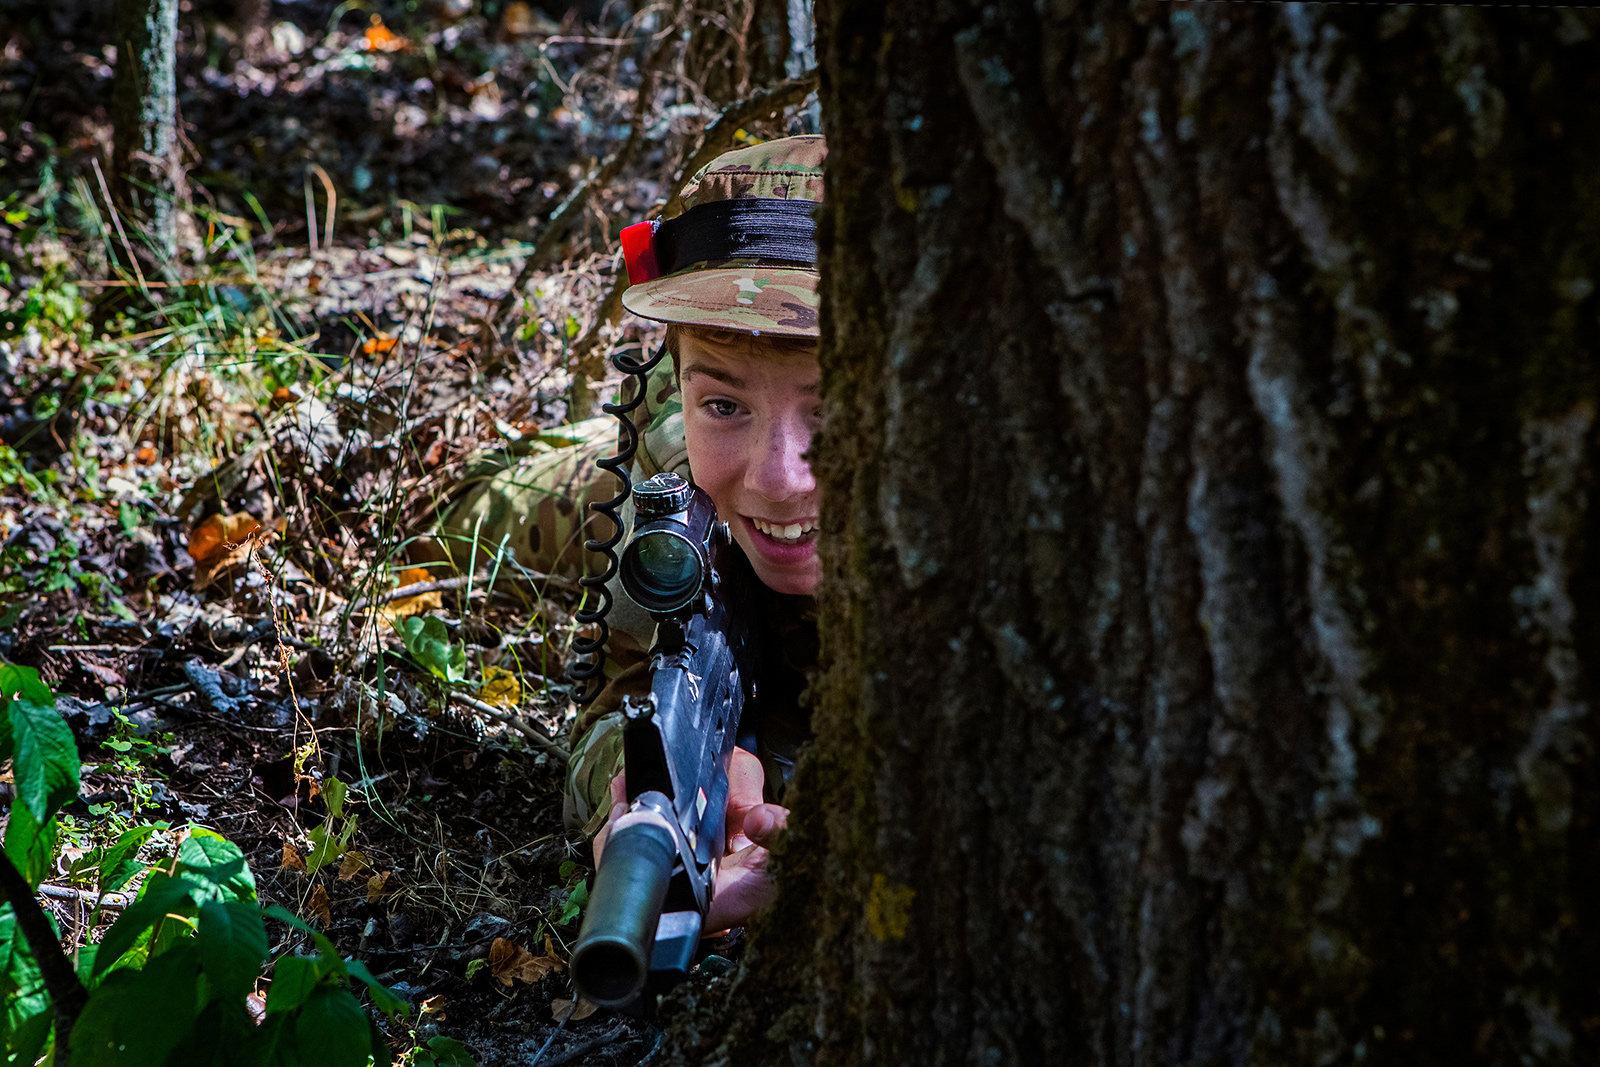 Ein Junge lauert mit einem Gewehr hinter einem Baum